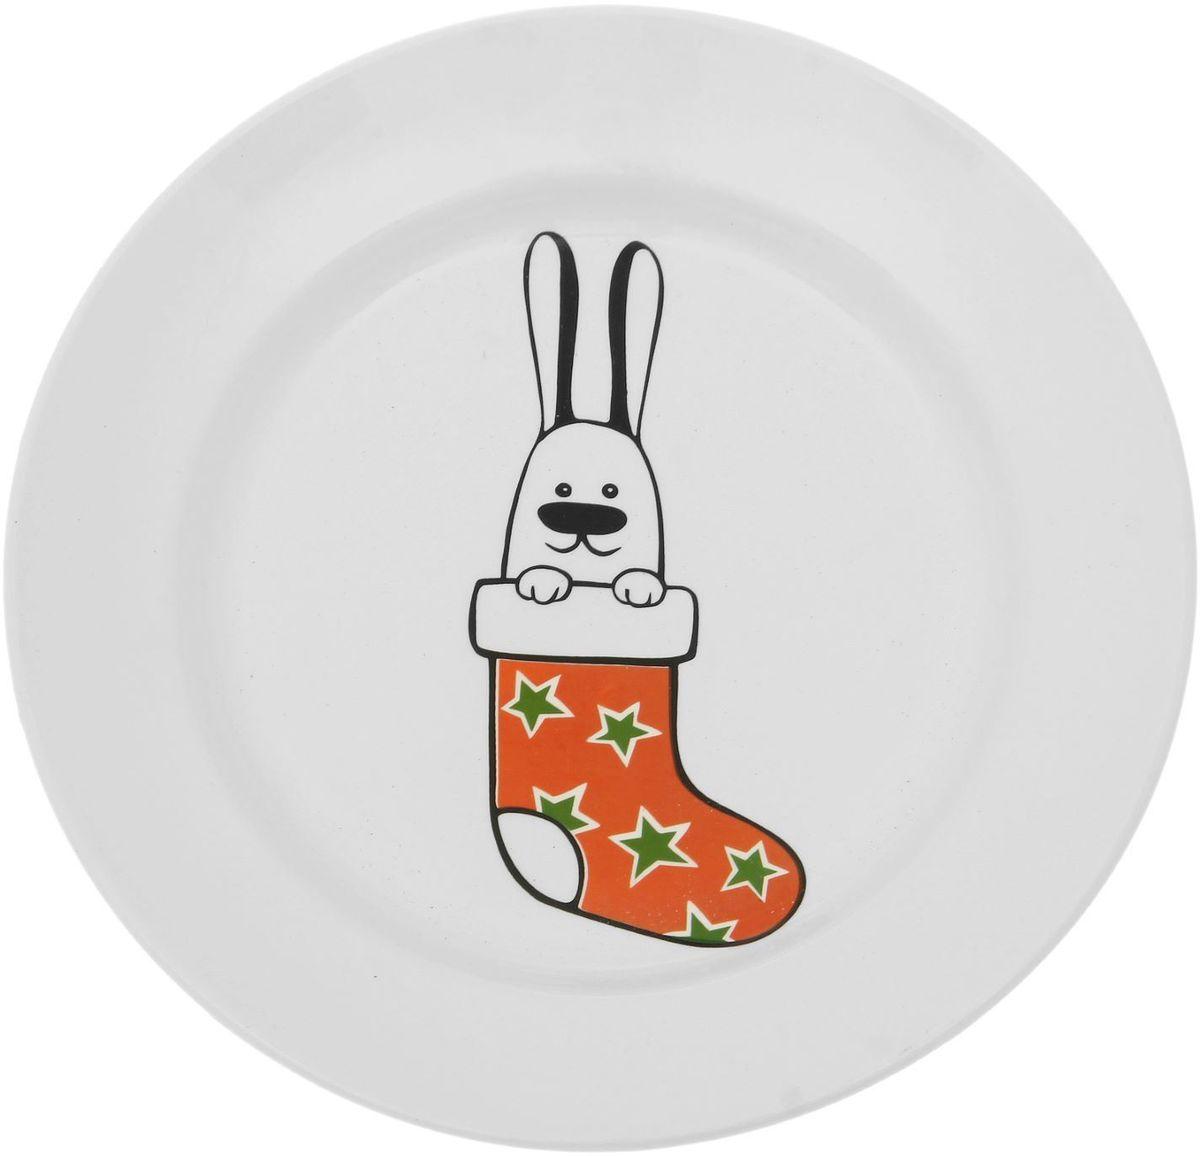 Тарелка мелкая Сотвори чудо Рождественский кролик, диаметр 20 см1828177Хотите обновить интерьер кухни или гостиной? Устраиваете необычную фотосессию или тематический праздник? А может, просто ищете подарок для близкого человека? Посуда « Сотвори Чудо» — правильный выбор в любой ситуации. Её достоинства: изящный фаянс нежного сливочного цвета; стойкость краски; пригодность для посудомоечных машин.